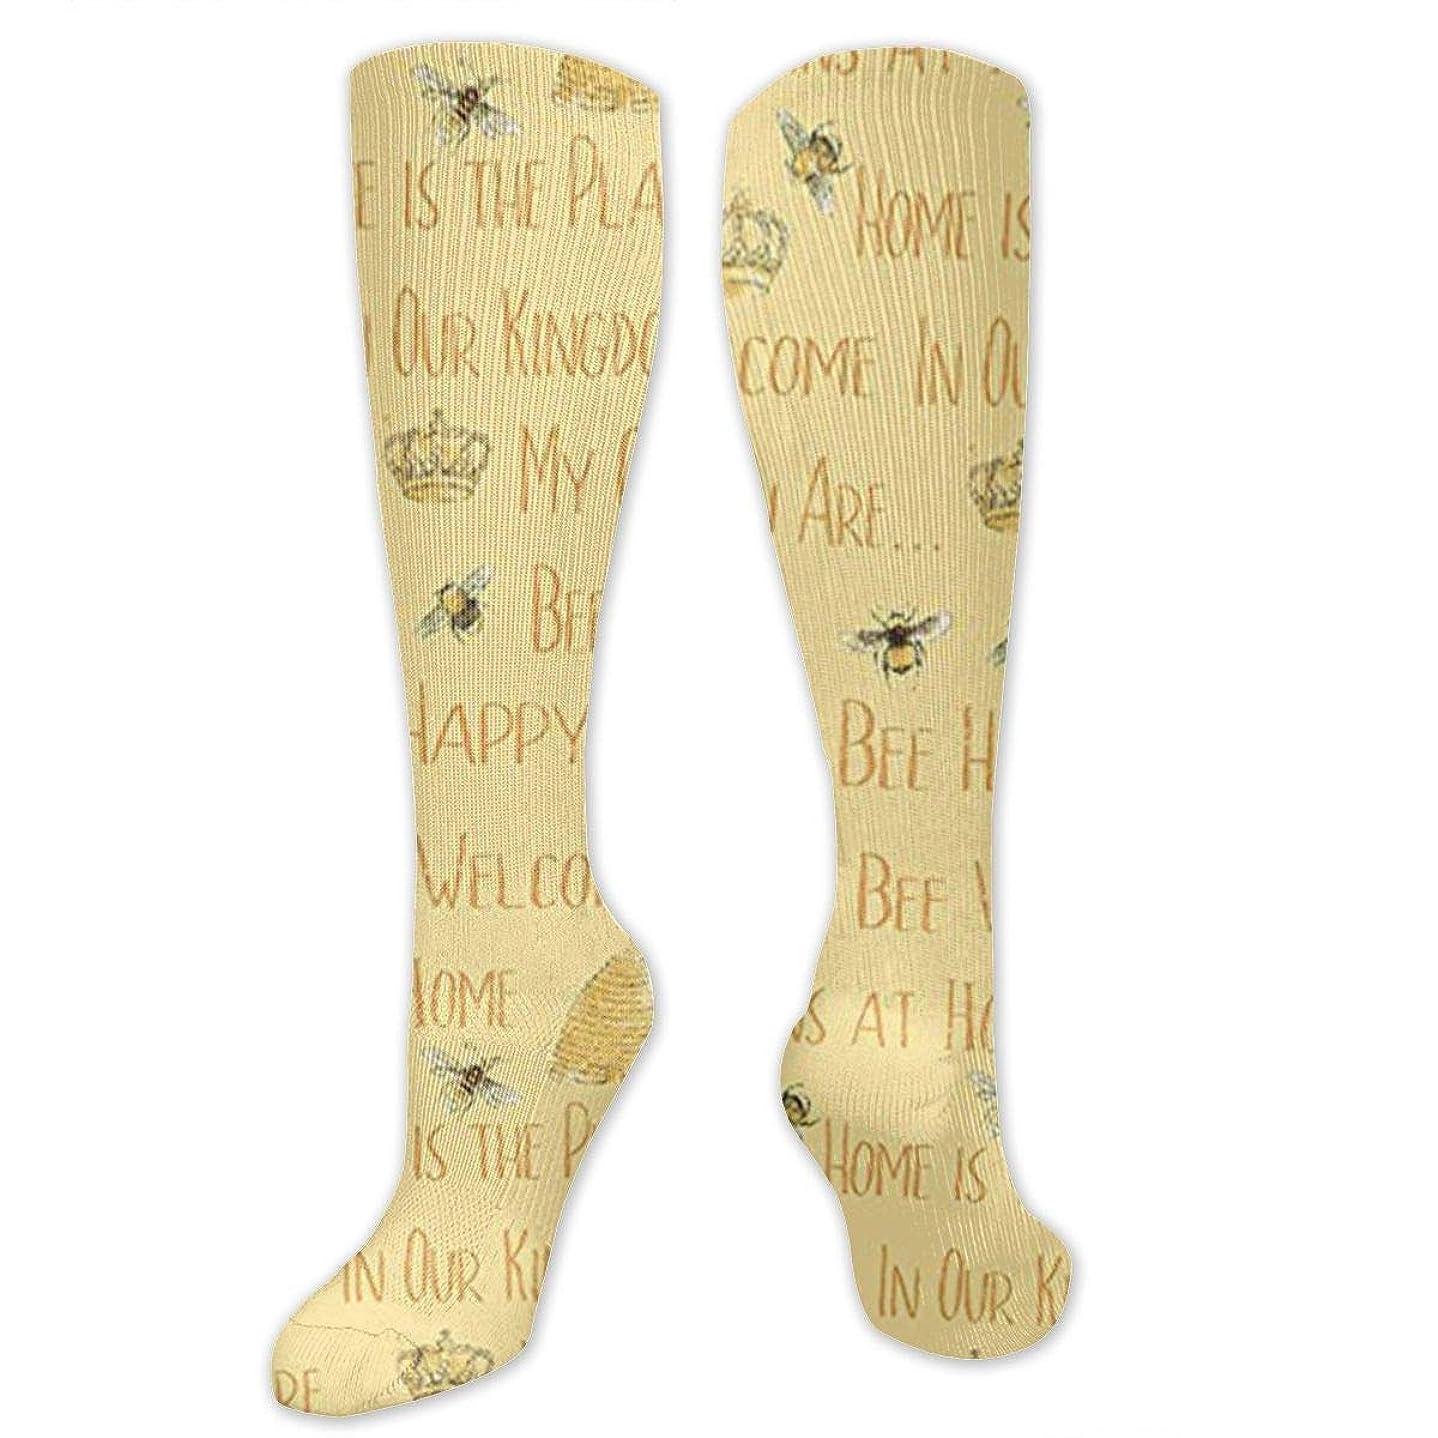 獣泥棒センチメンタル靴下,ストッキング,野生のジョーカー,実際,秋の本質,冬必須,サマーウェア&RBXAA Bee My Sunshine Words Yellow Socks Women's Winter Cotton Long Tube Socks Knee High Graduated Compression Socks